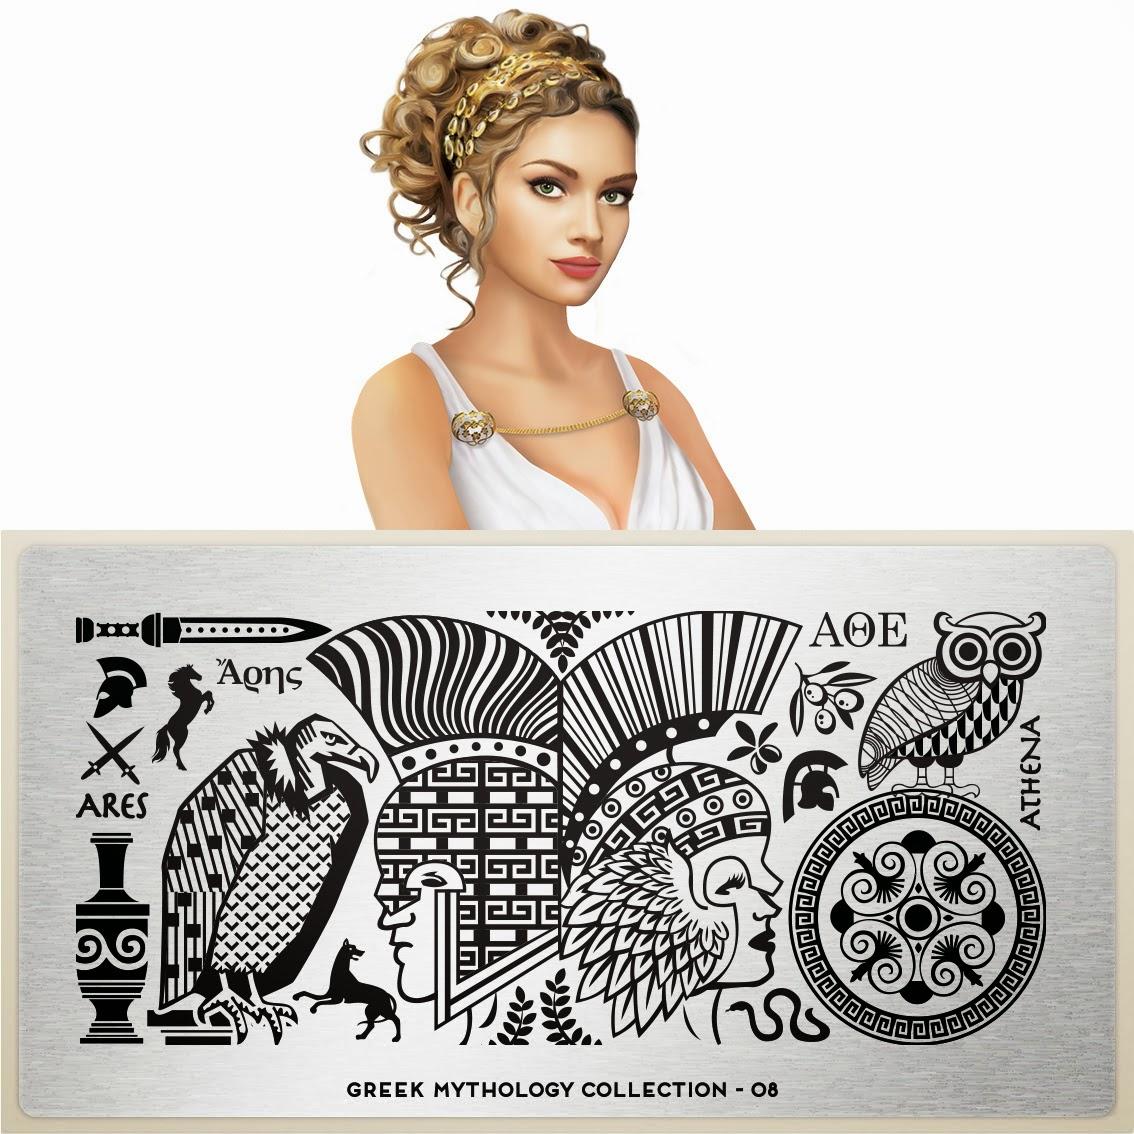 Lacquer Lockdown - MoYou London, MoYou London Greek Mythology Collection, greek mythology, nails, nailart, stamping, hercules, muses, diy nails, diy nail art, new stamping plates 2014, new nail art plates 2014, new image plates 2014, new plates 2014, bundle monster, pueen 2014, stamping,